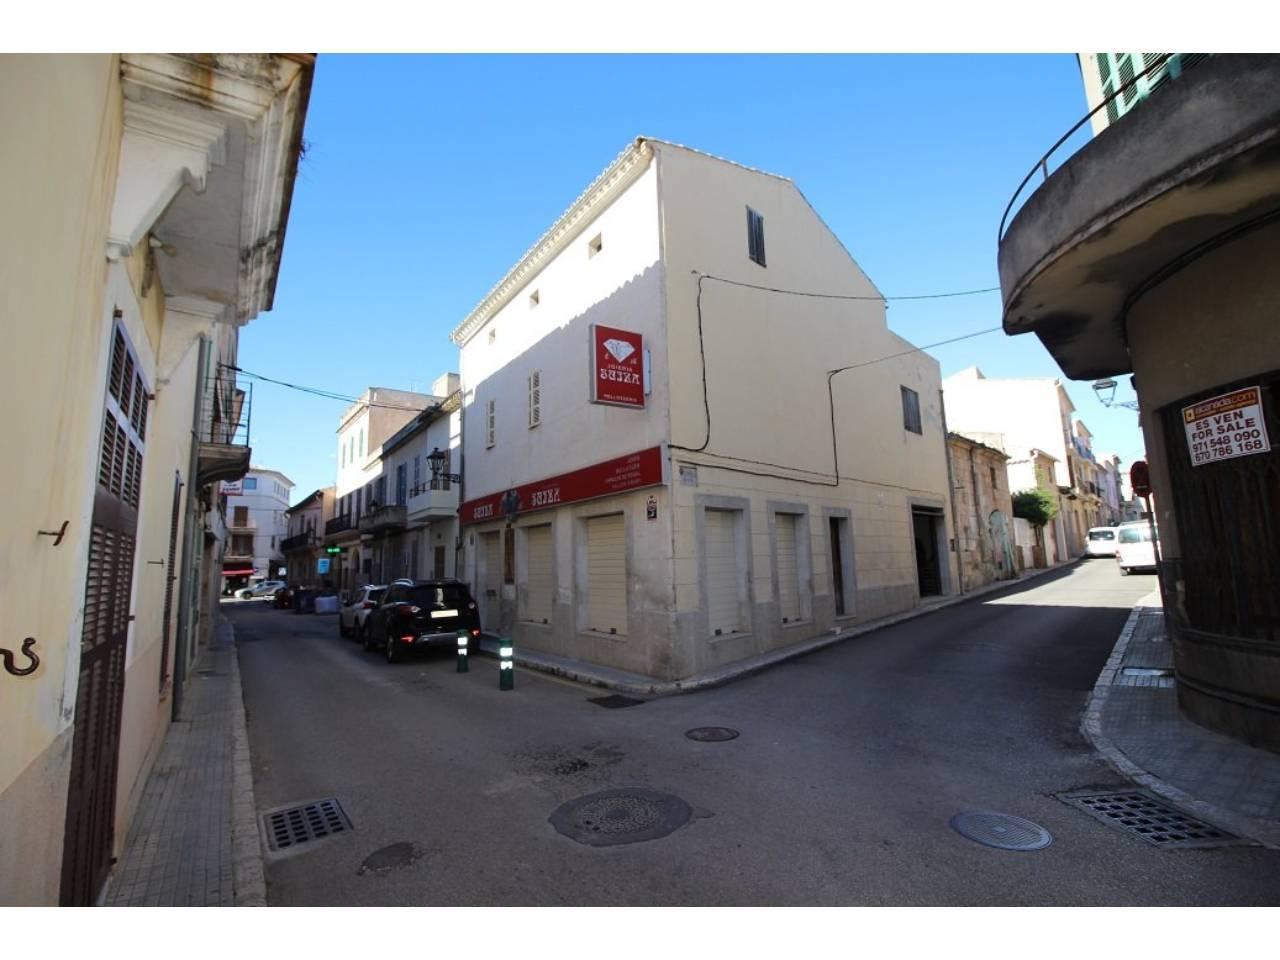 Locale commerciale  Centro. Local comercial  en el centro de muro en calle muy transitada. e